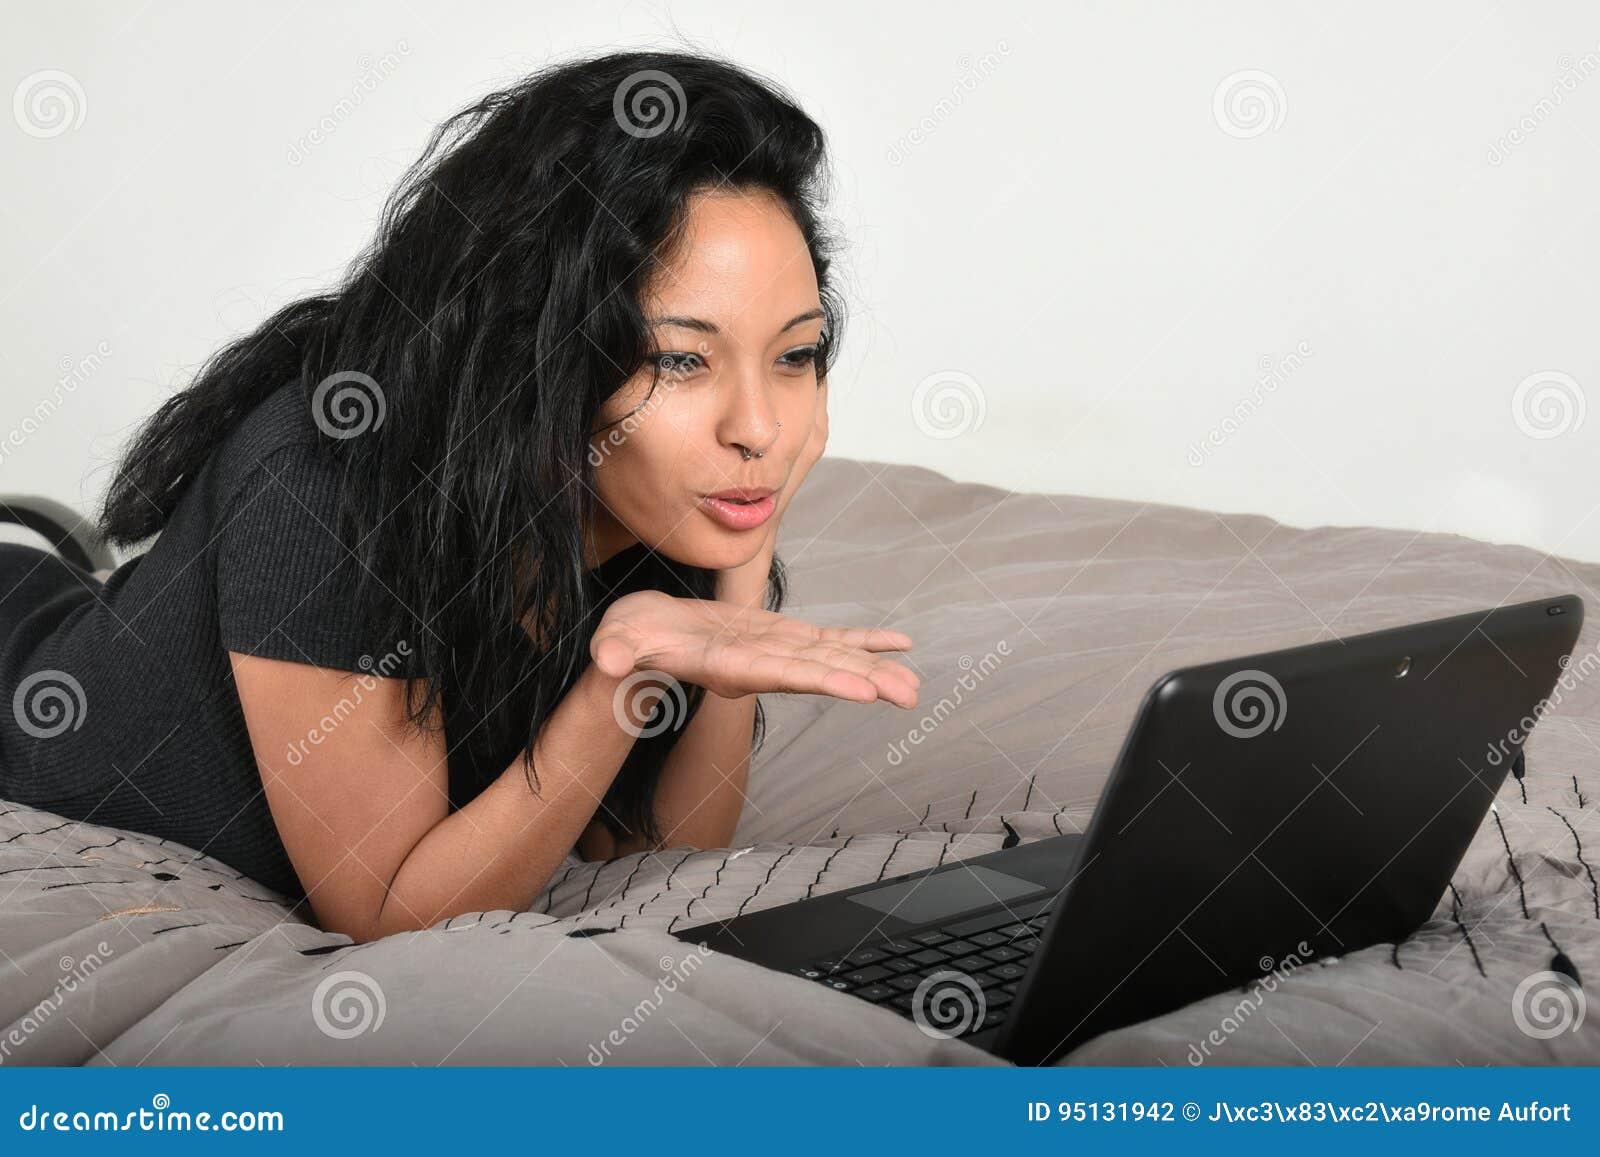 interessante vragen te stellen in online dating